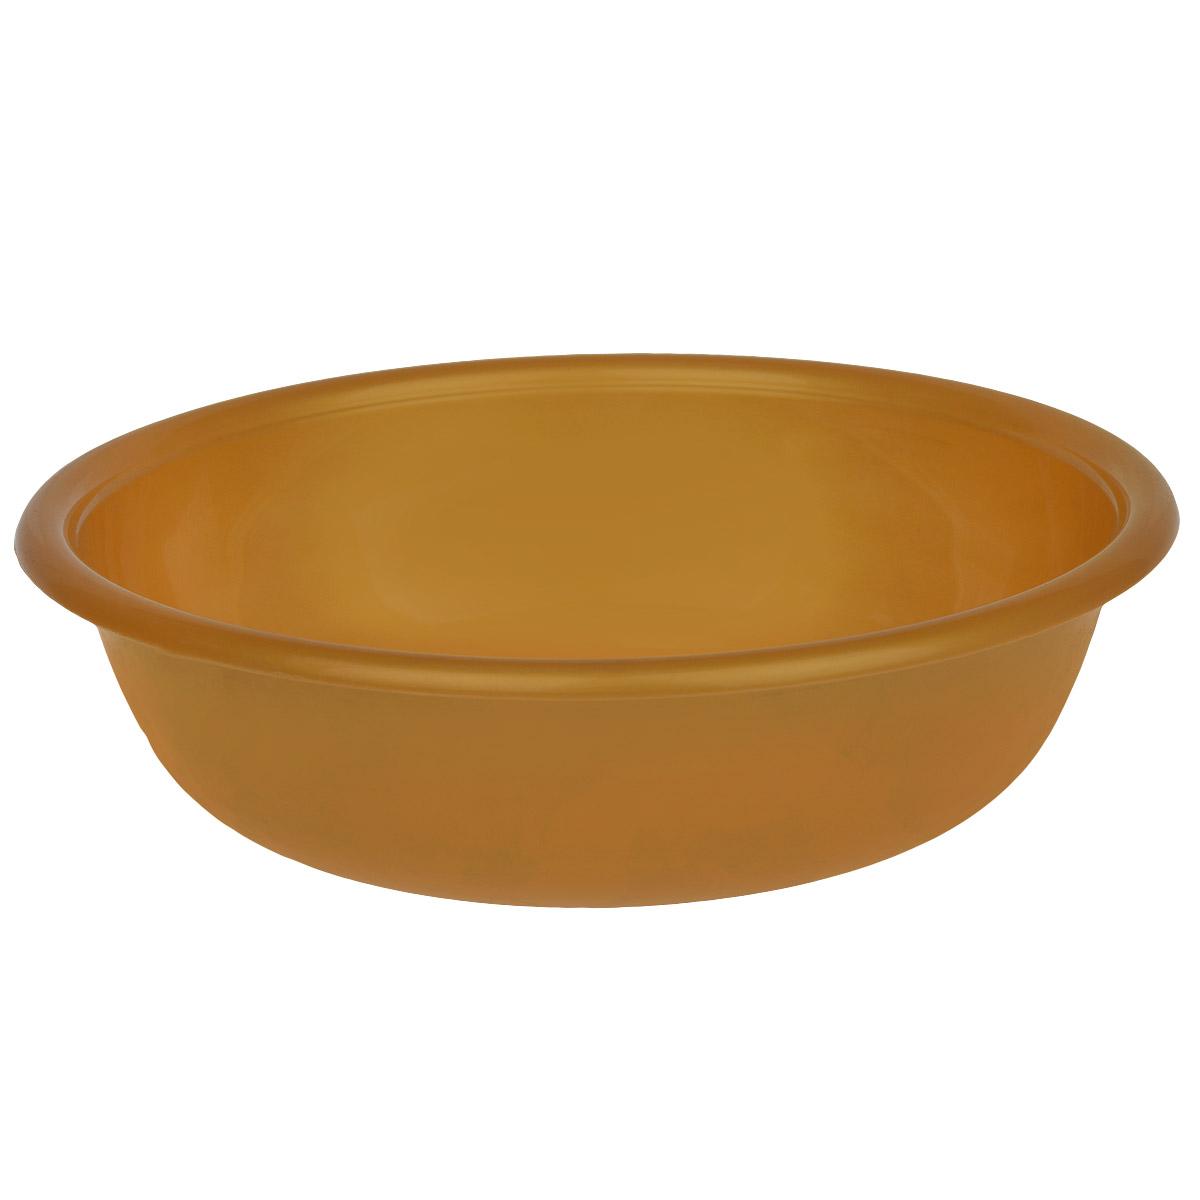 Чаша Альтернатива, цвет: желтый, 2 лM082Чаша Альтернатива изготовлена из высококачественного пластика и предназначена для повседневного использования. Чаша отлично подойдет для овсяных хлопьев, фруктов, риса. Также в ней можно приготовить салаты. Приятный дизайн подойдет практически для любого случая.